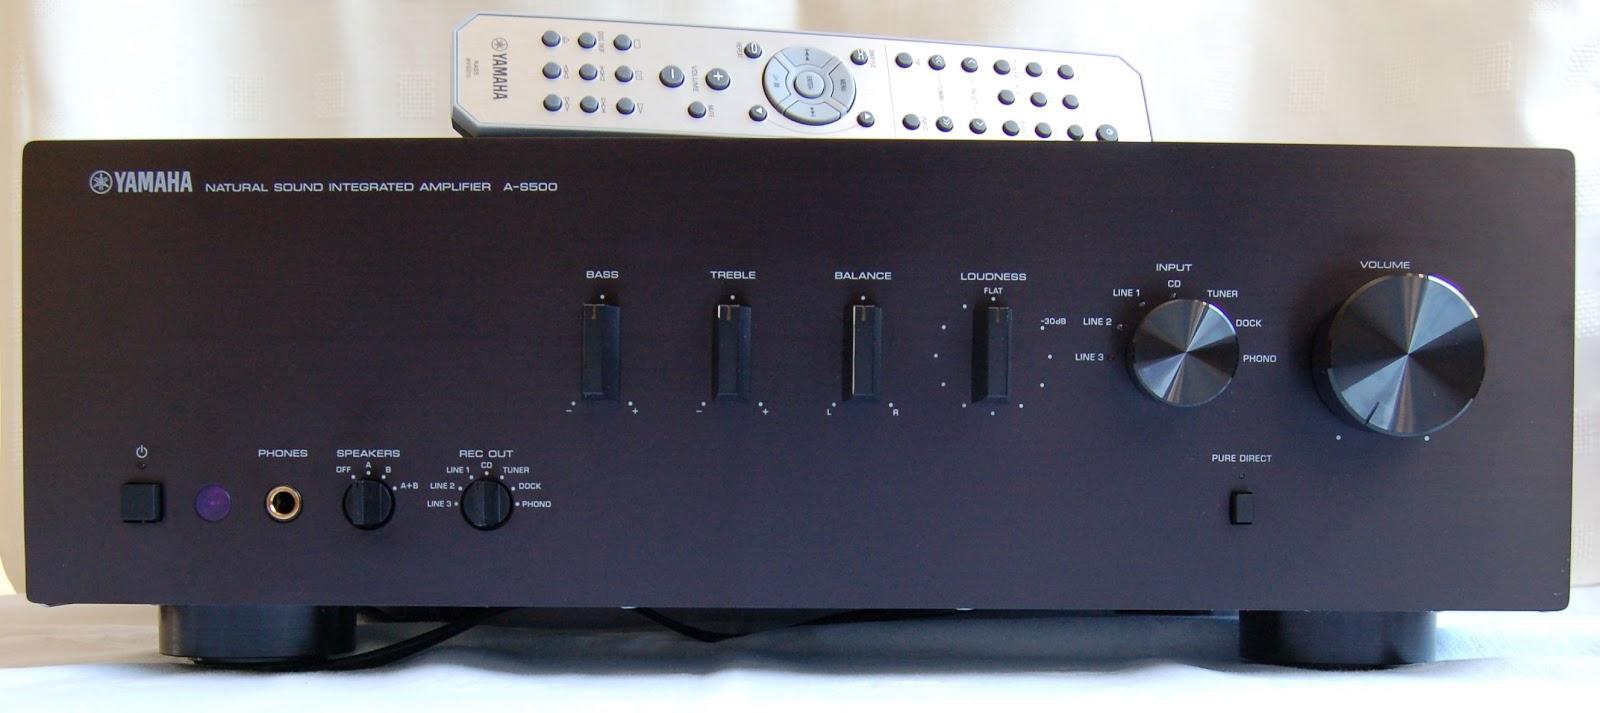 Yamaha As Amp Review